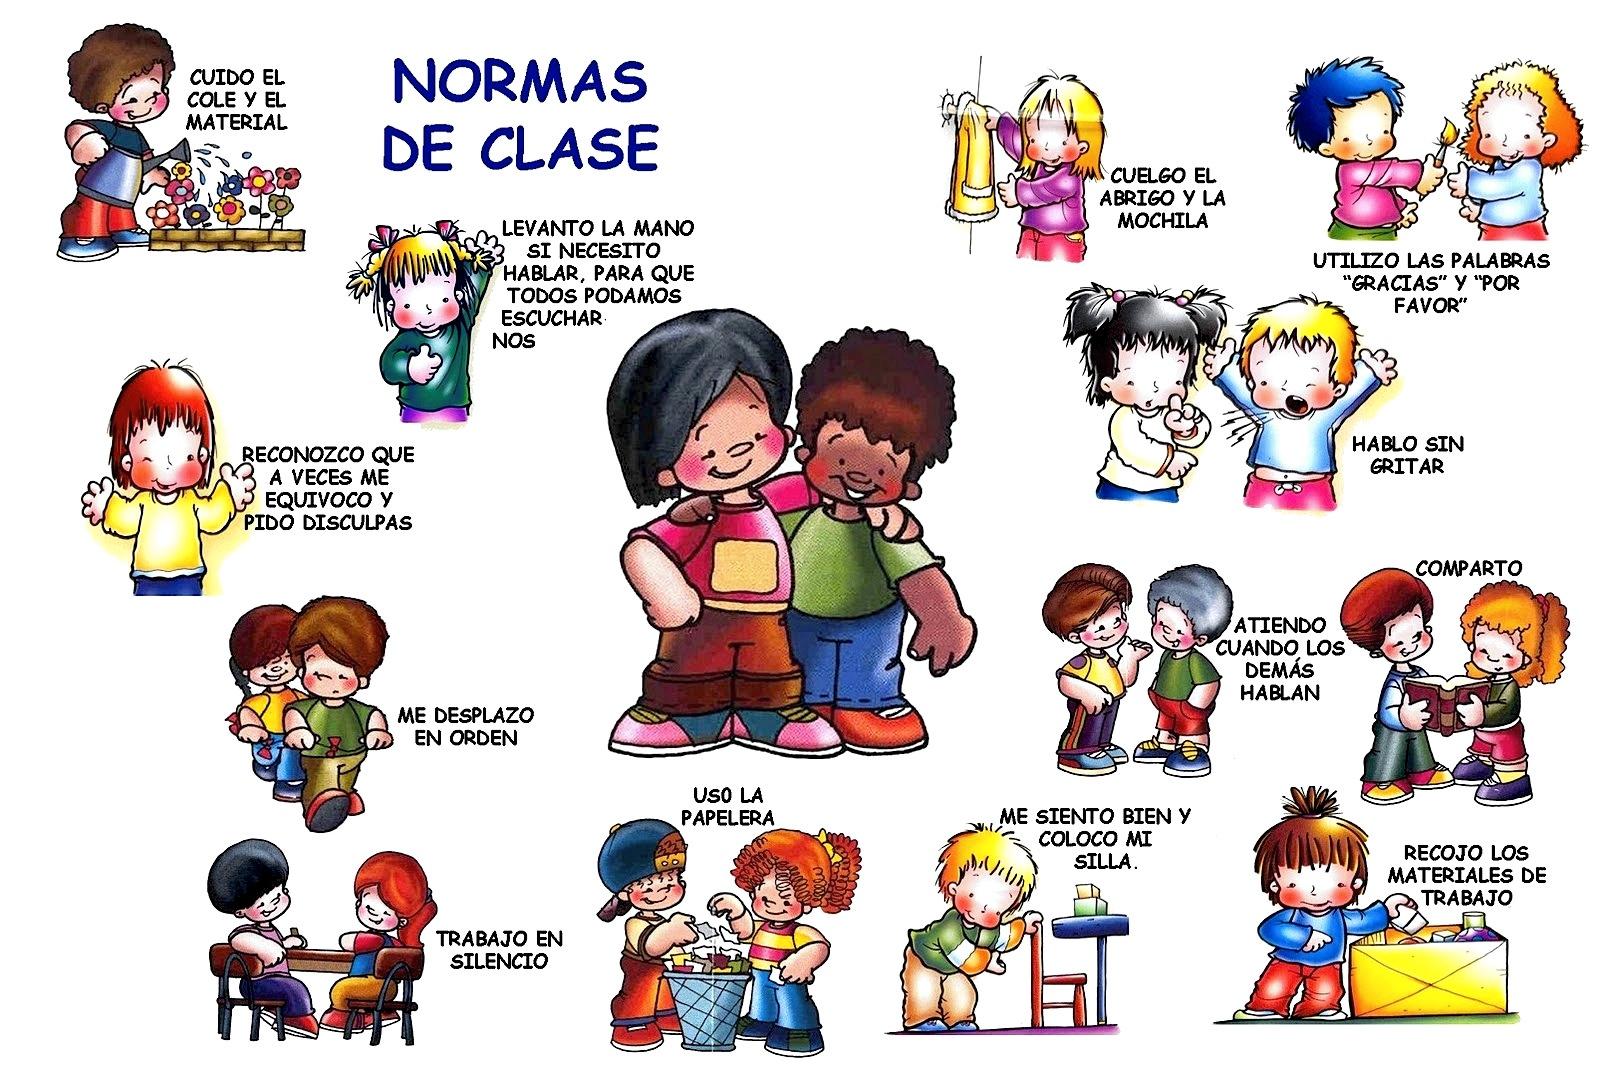 NORMAS DE CLASE: